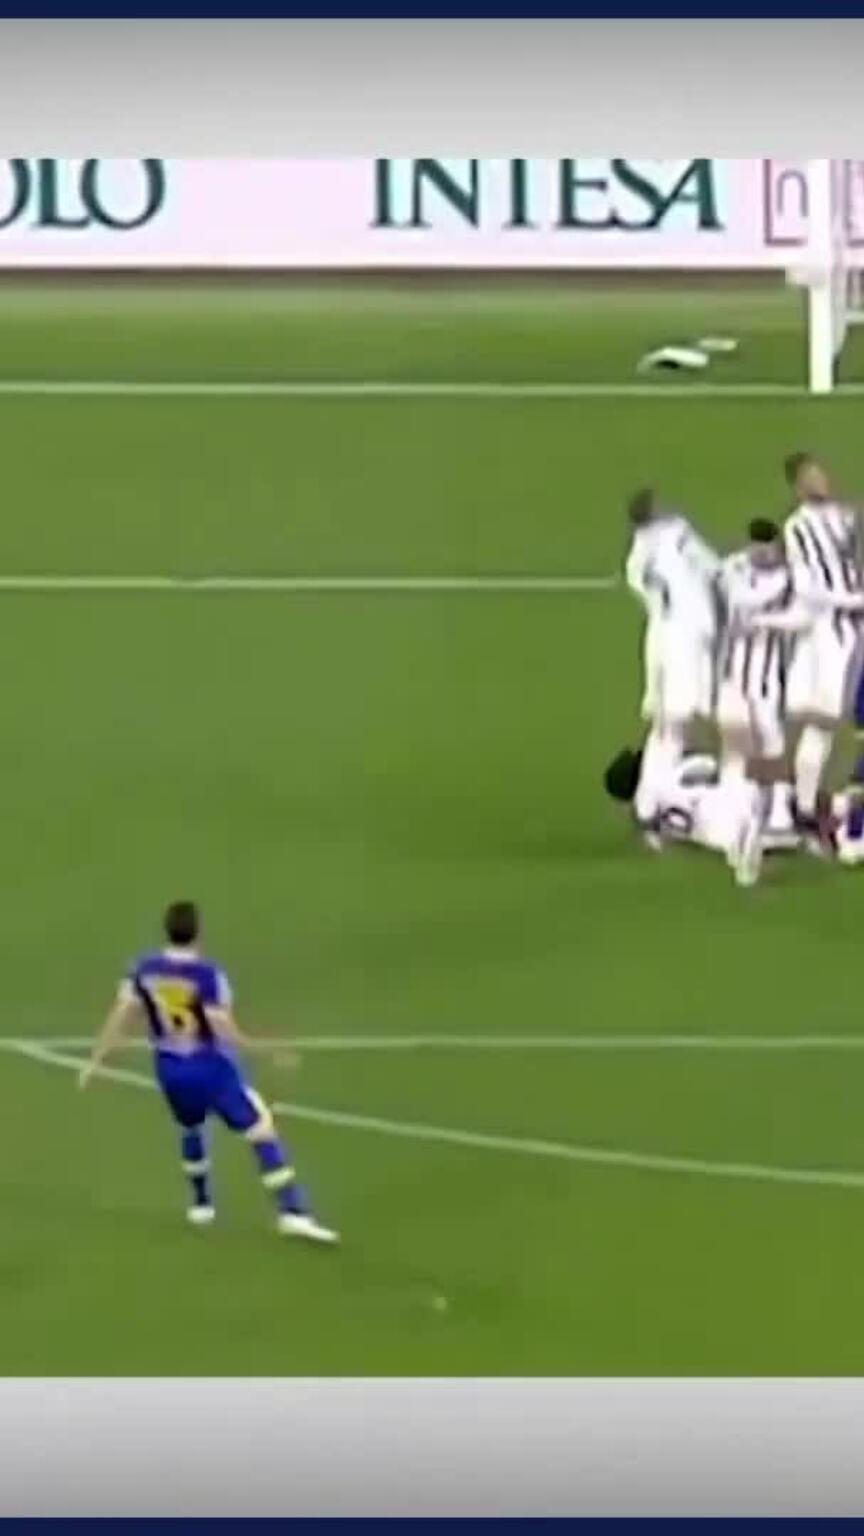 C. Ronaldo bị chê trách vì cúi đầu tránh bóng